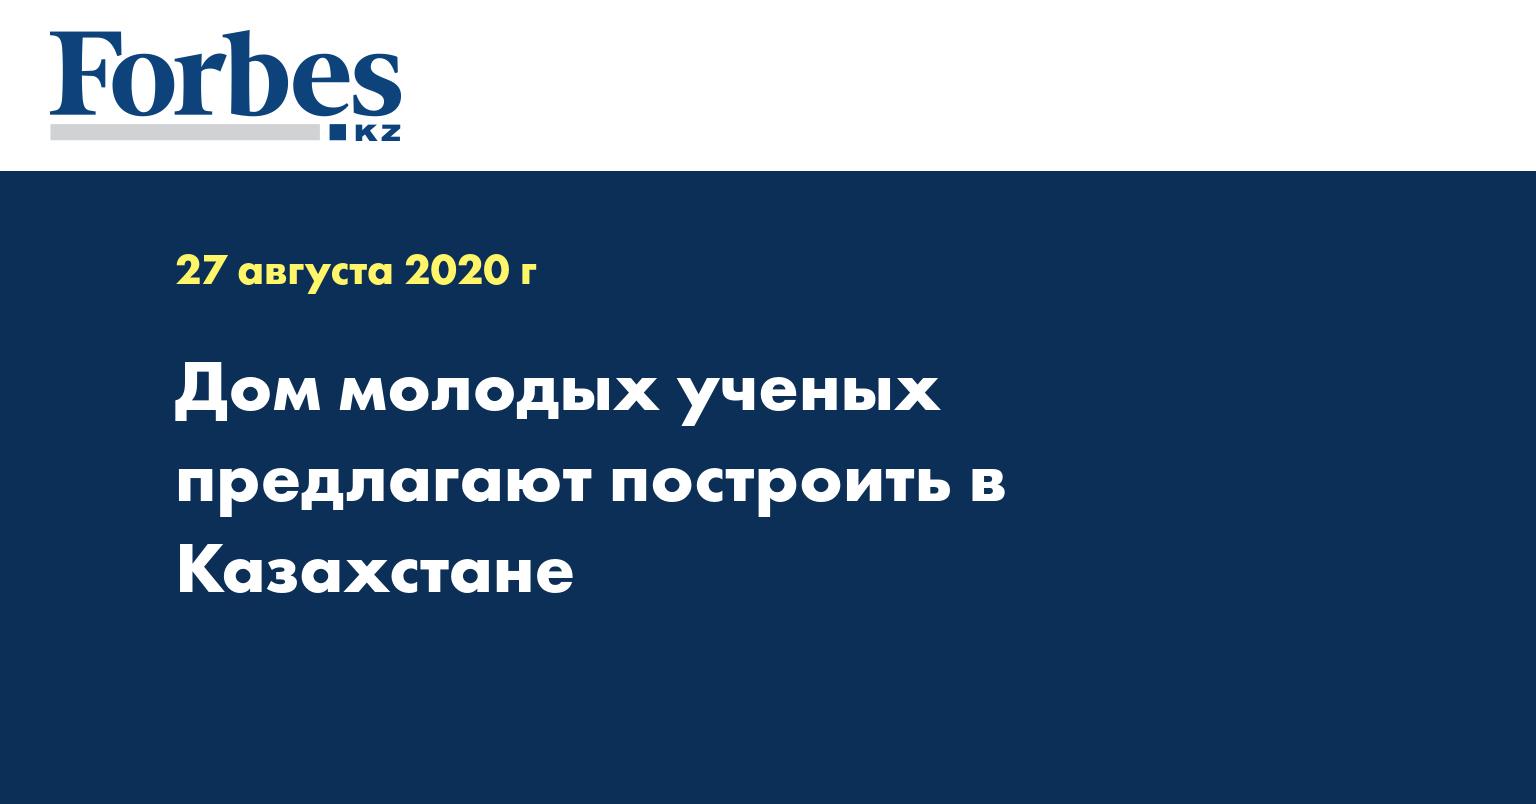 Дом молодых ученых предлагают построить в Казахстане